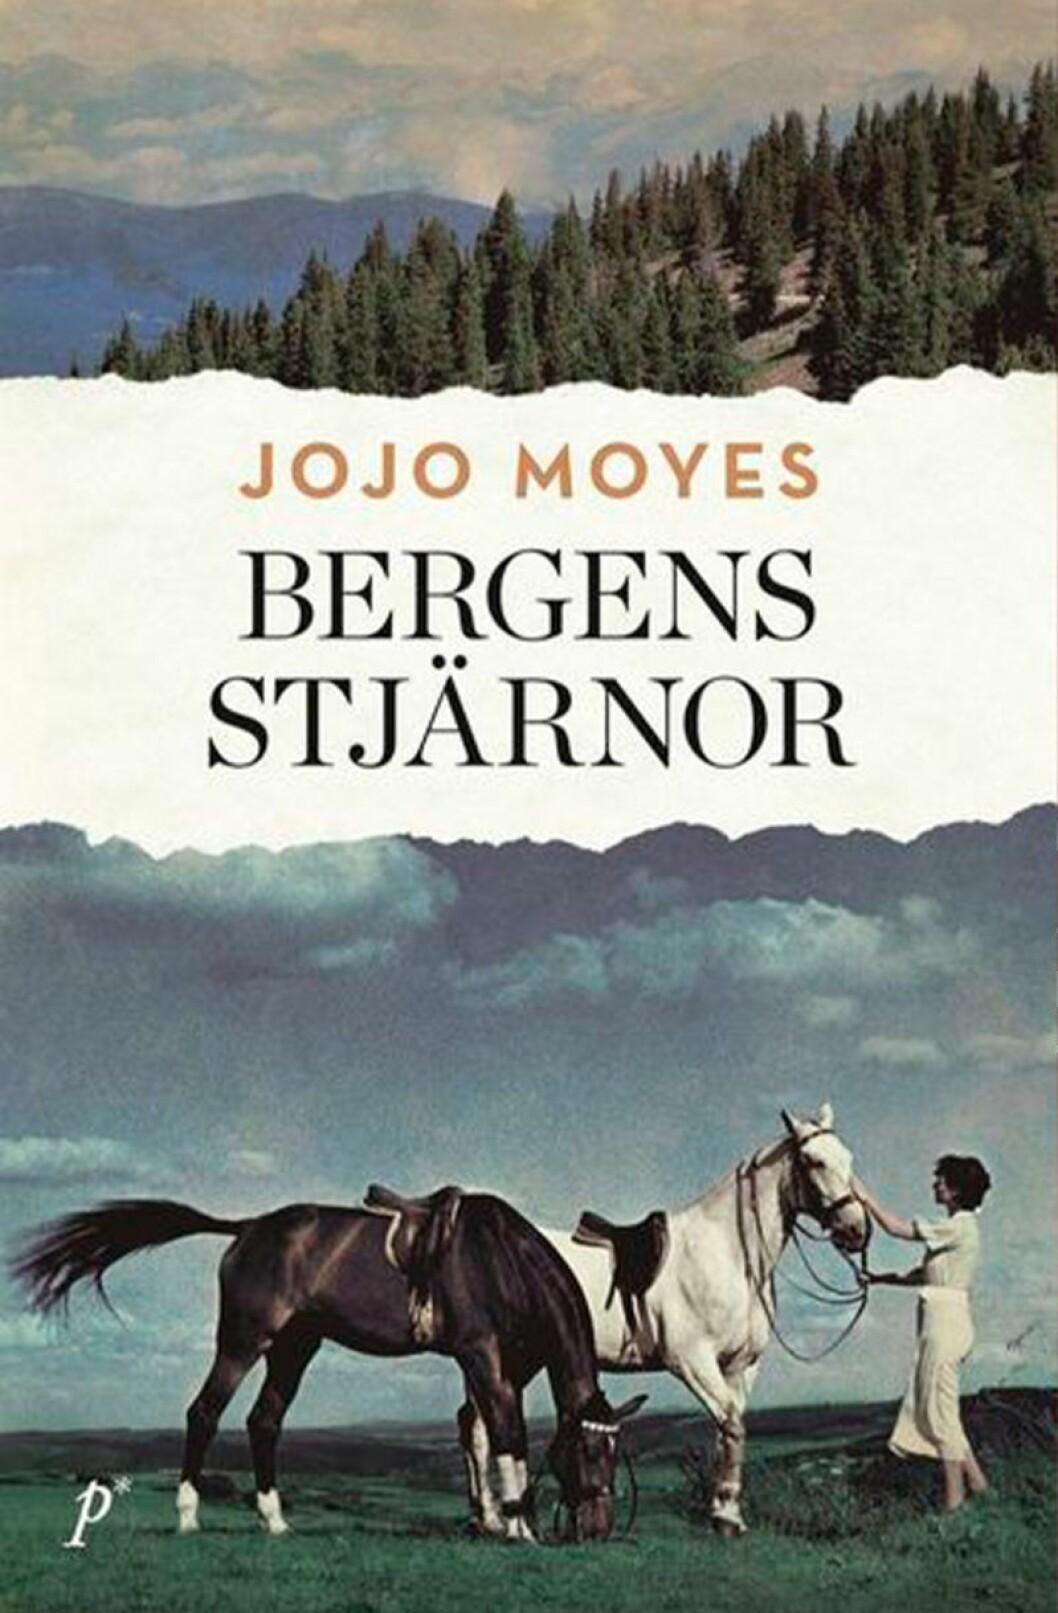 Bokomslag till Bergens stjärnor, en kvinna står vid två hästar.